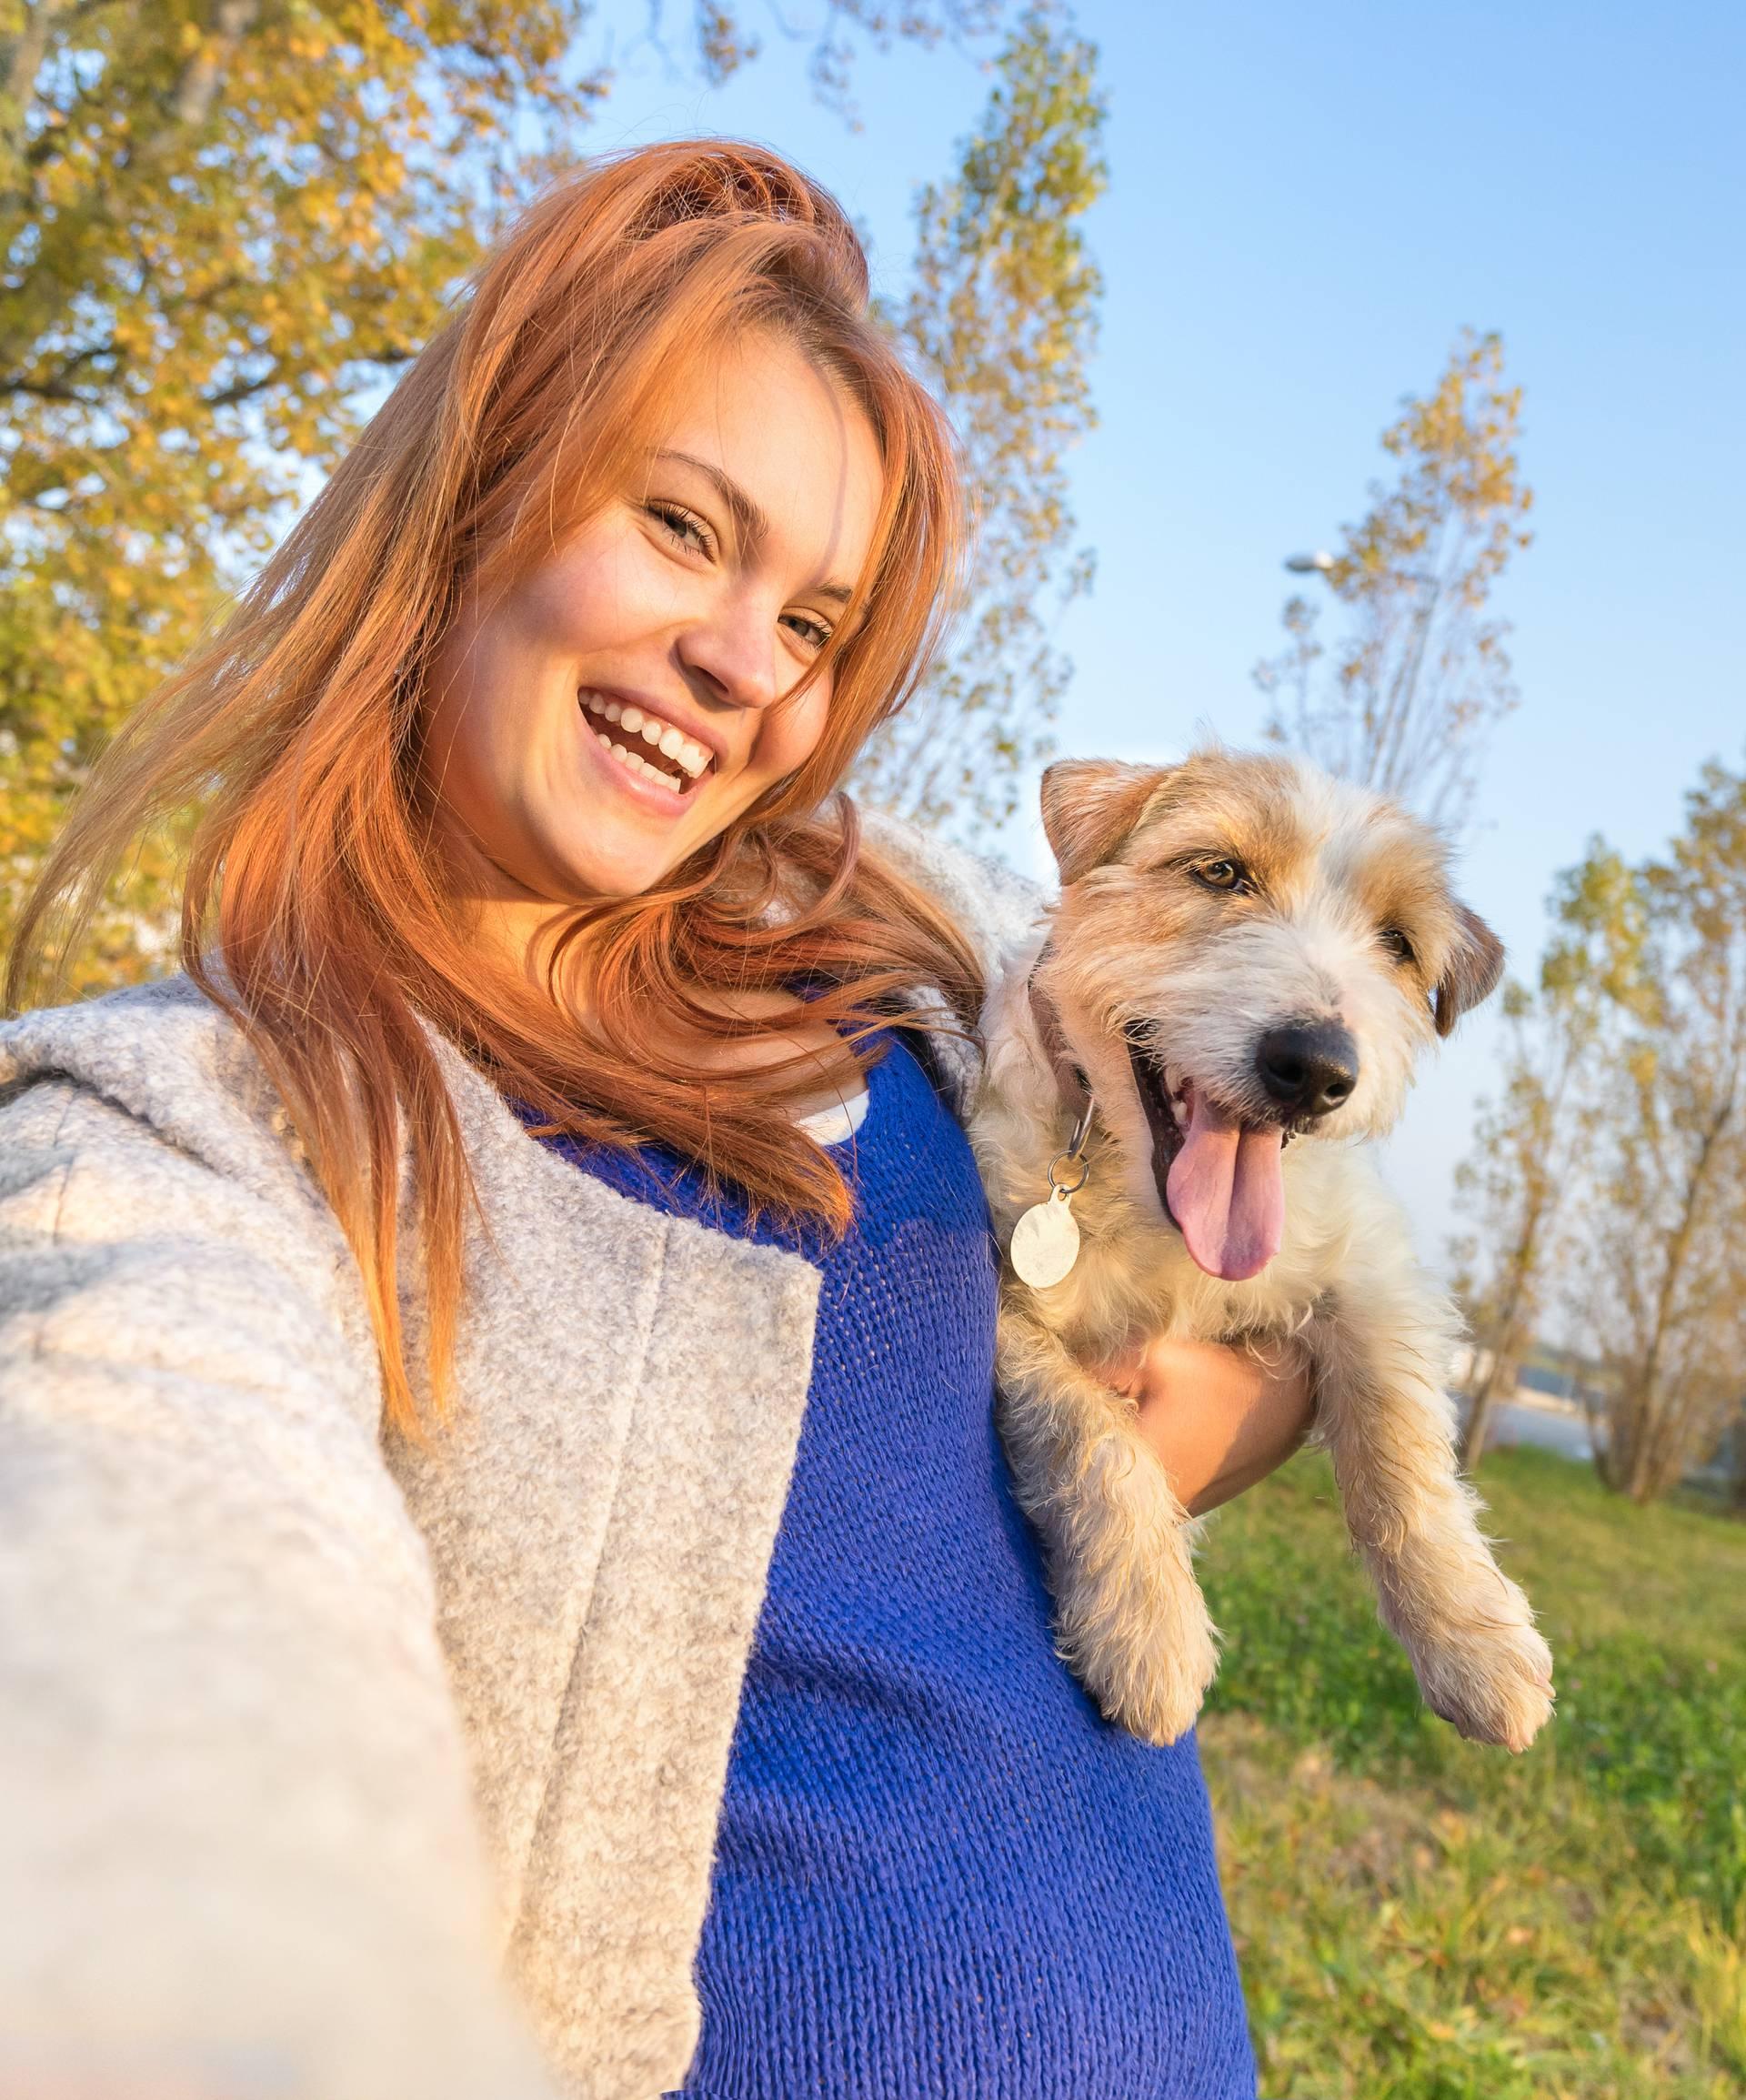 Velika je razlika između sreće i zadovoljstva - što je bitnije?